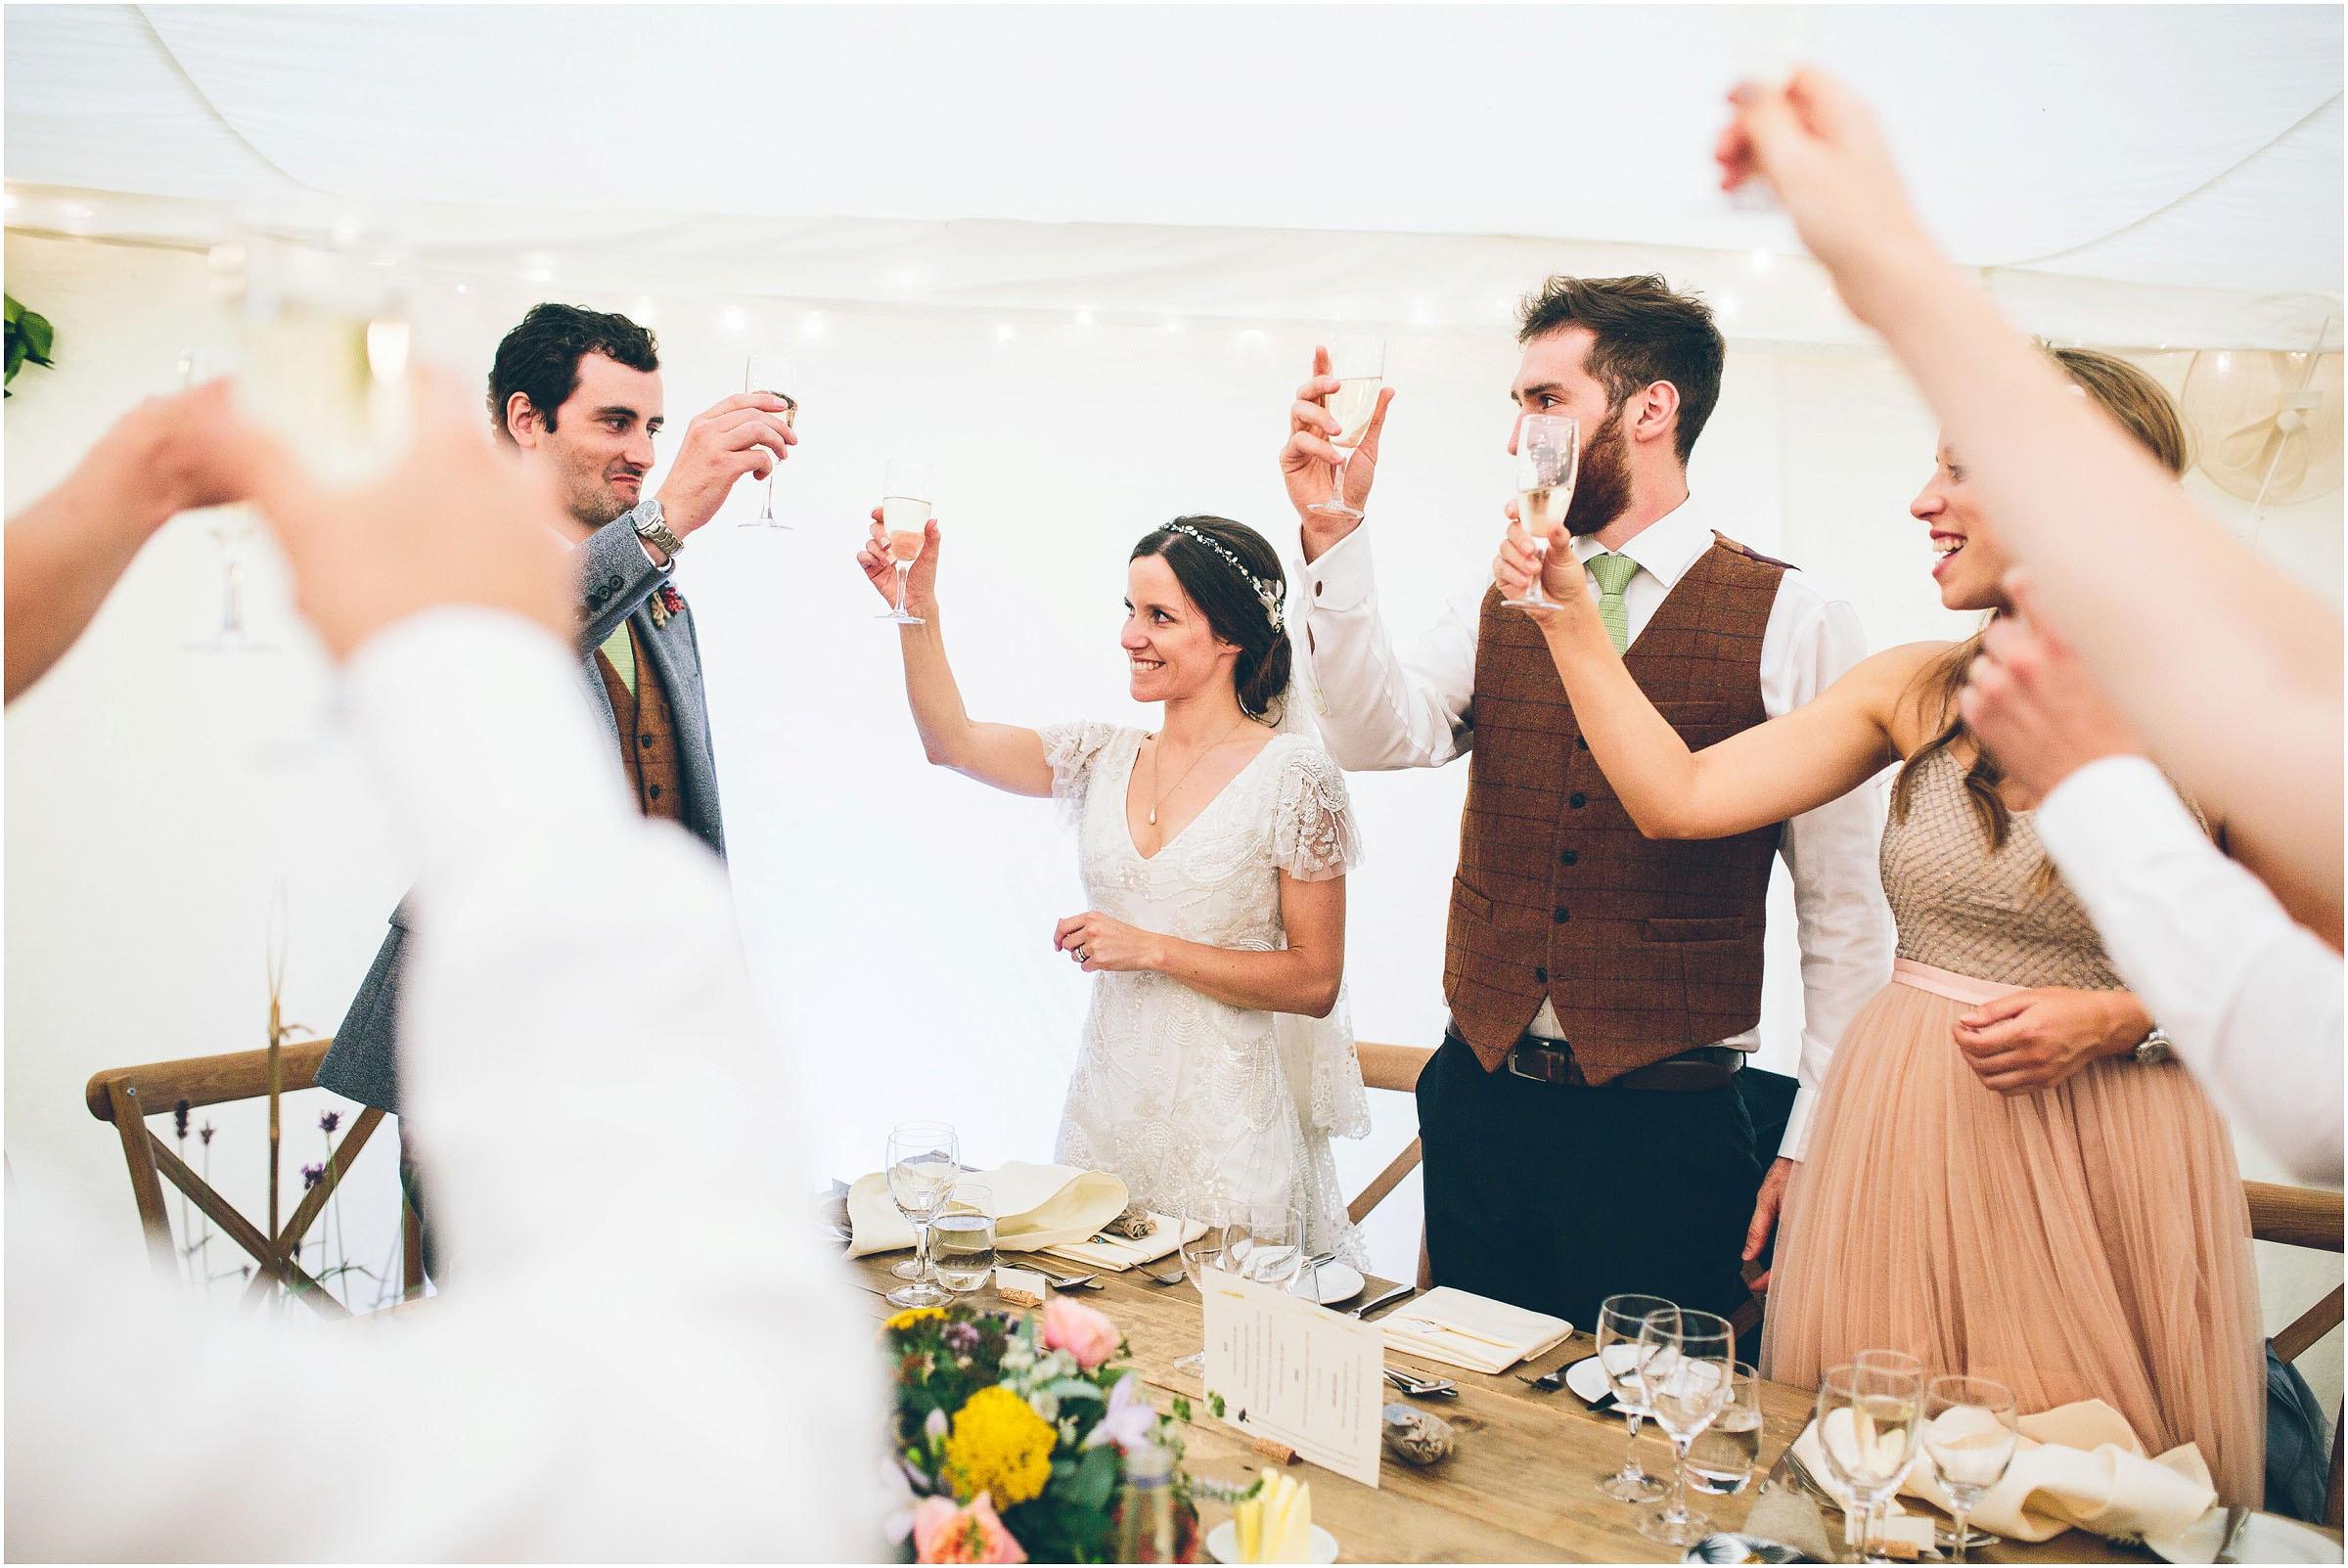 Harthill_Weddings_Wedding_Photography_0109